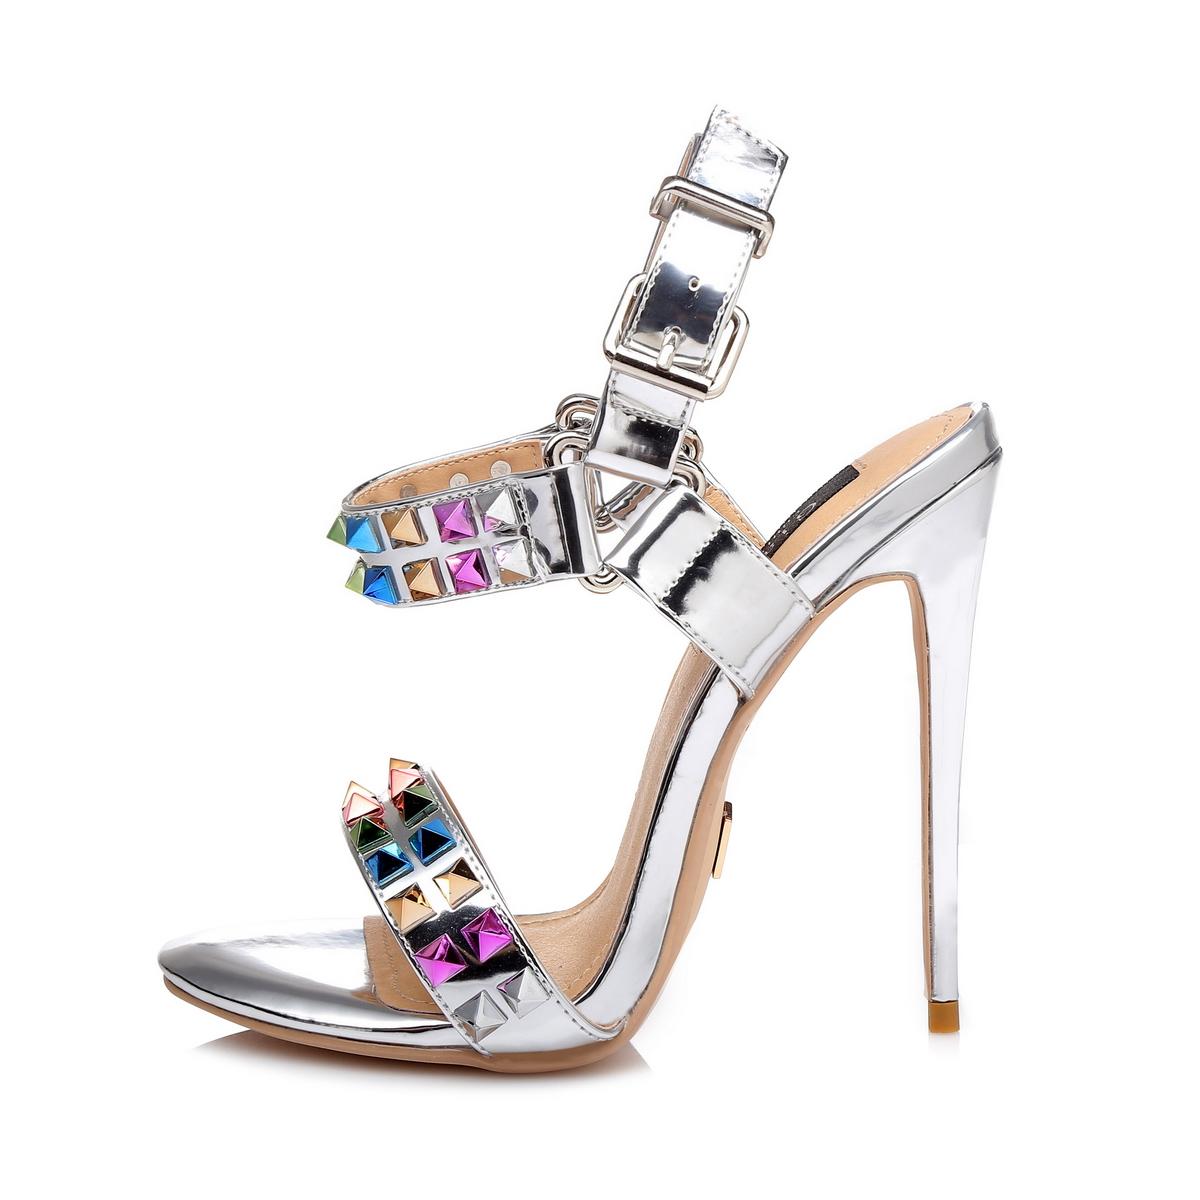 GIARO - Damen High Heel Sandalatten - Silber Schuhe in Übergrößen – Bild 2